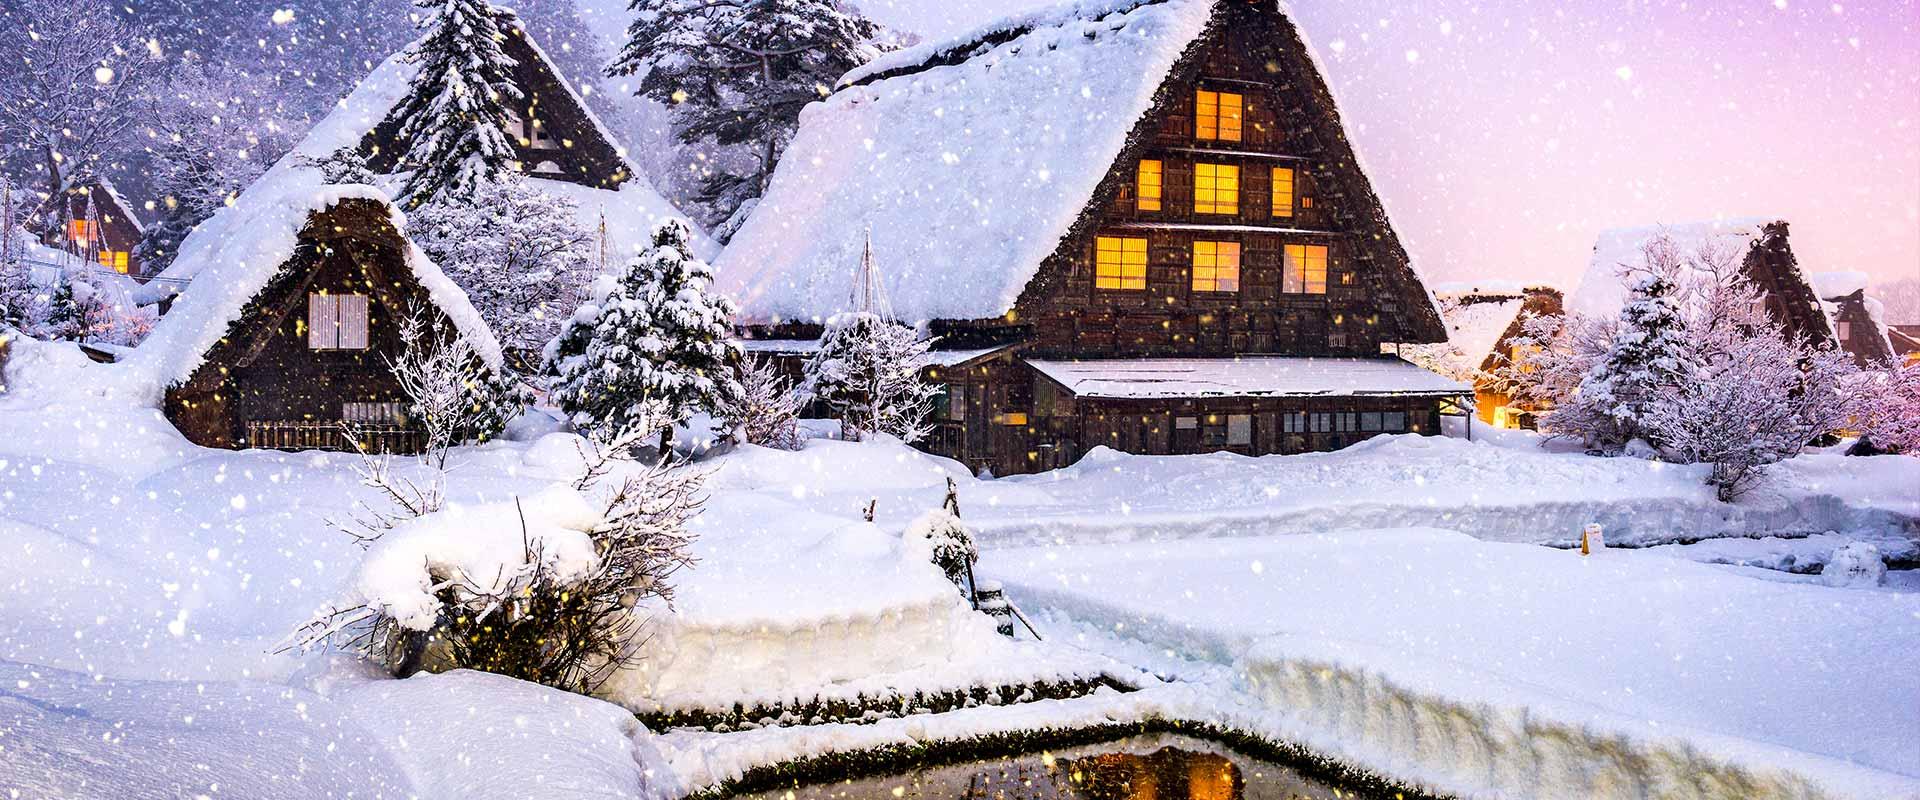 winter-im-schnee